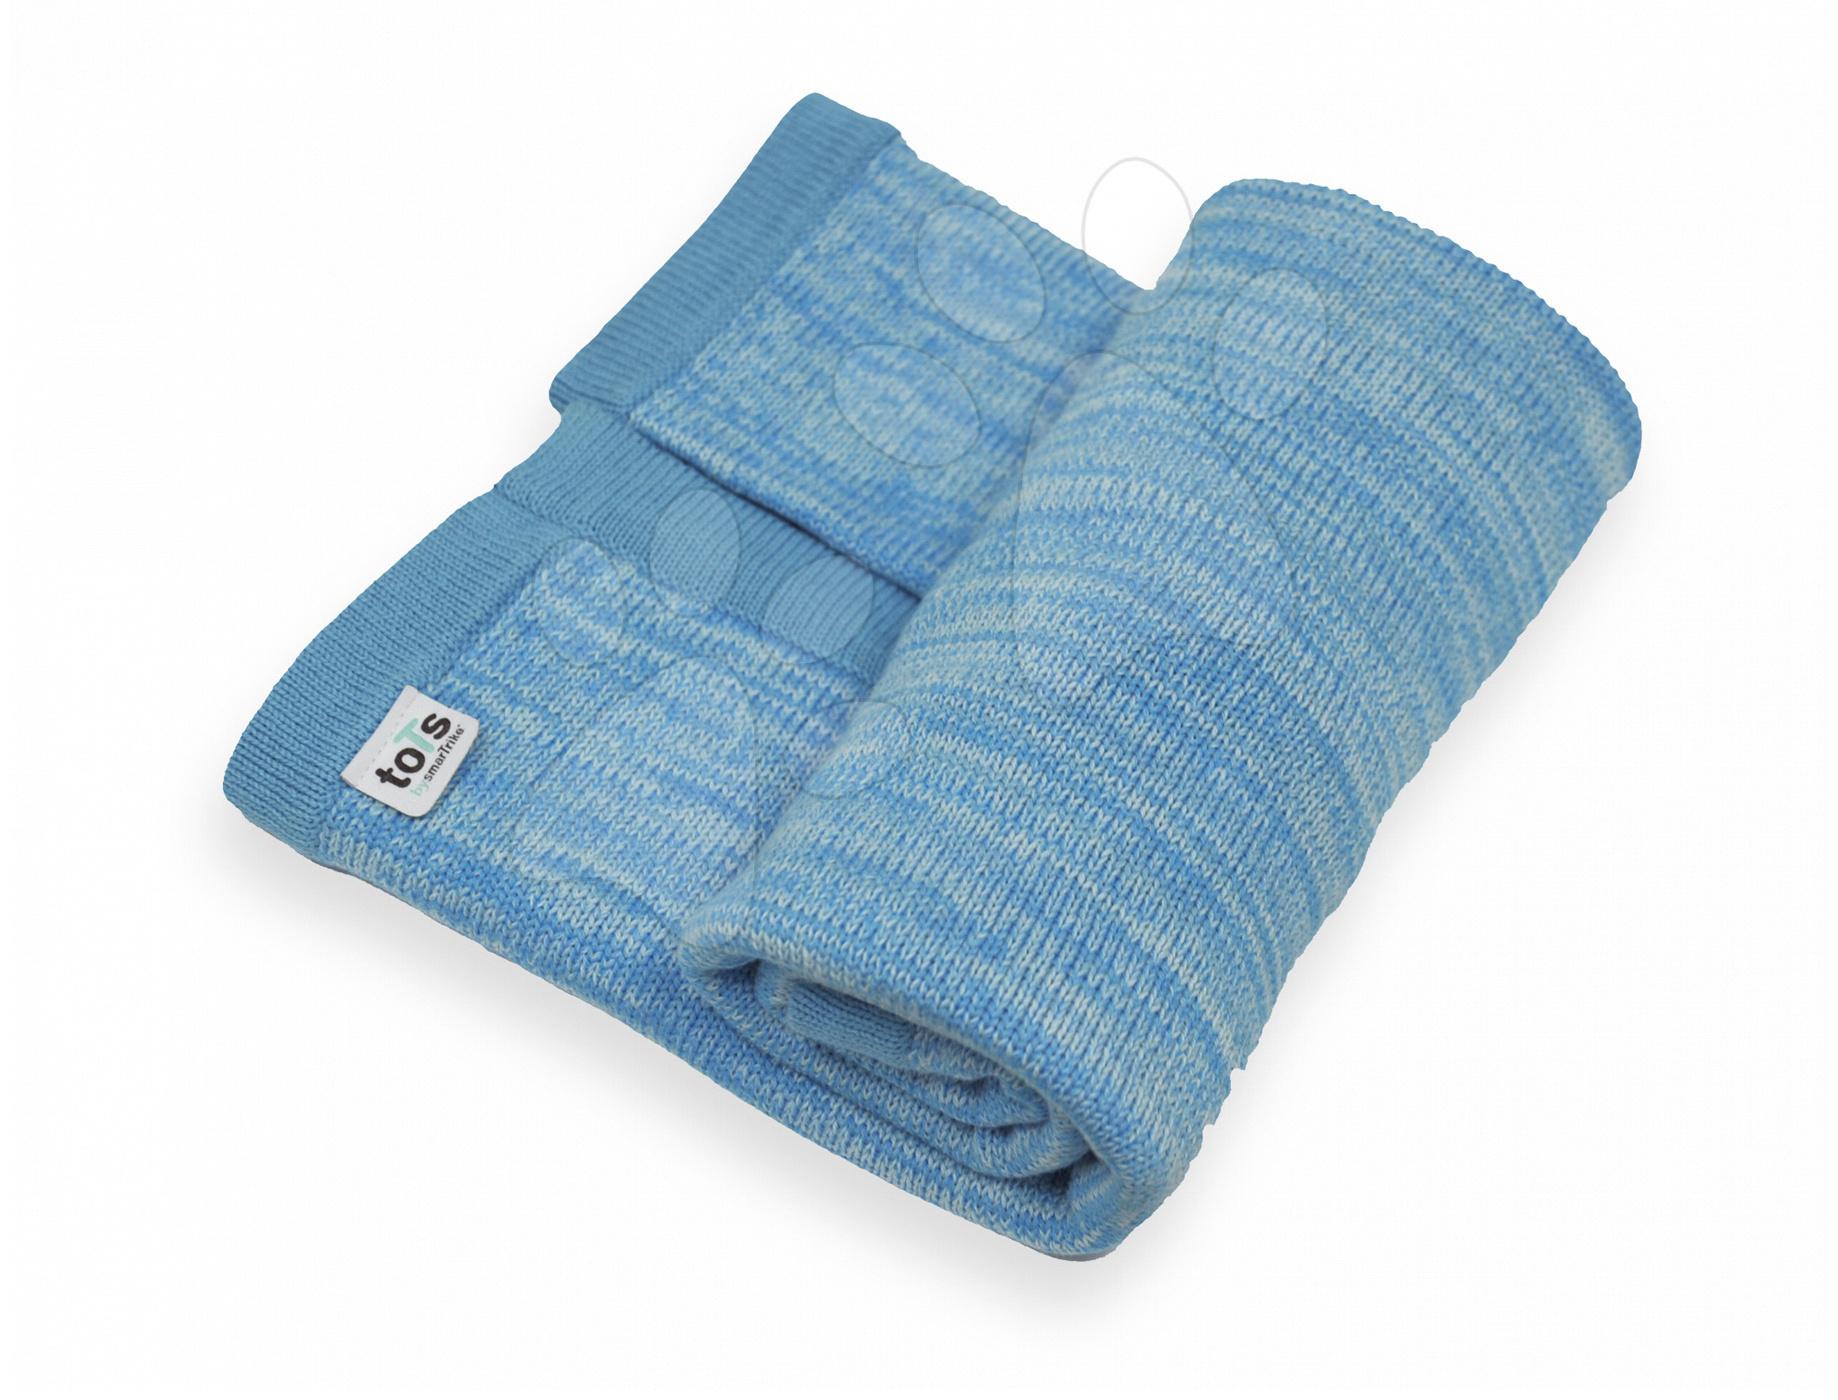 Pletená deka pro nejmenší Joy toTs-smarTrike 100% přírodní bavlna modrá od 0 měsíců